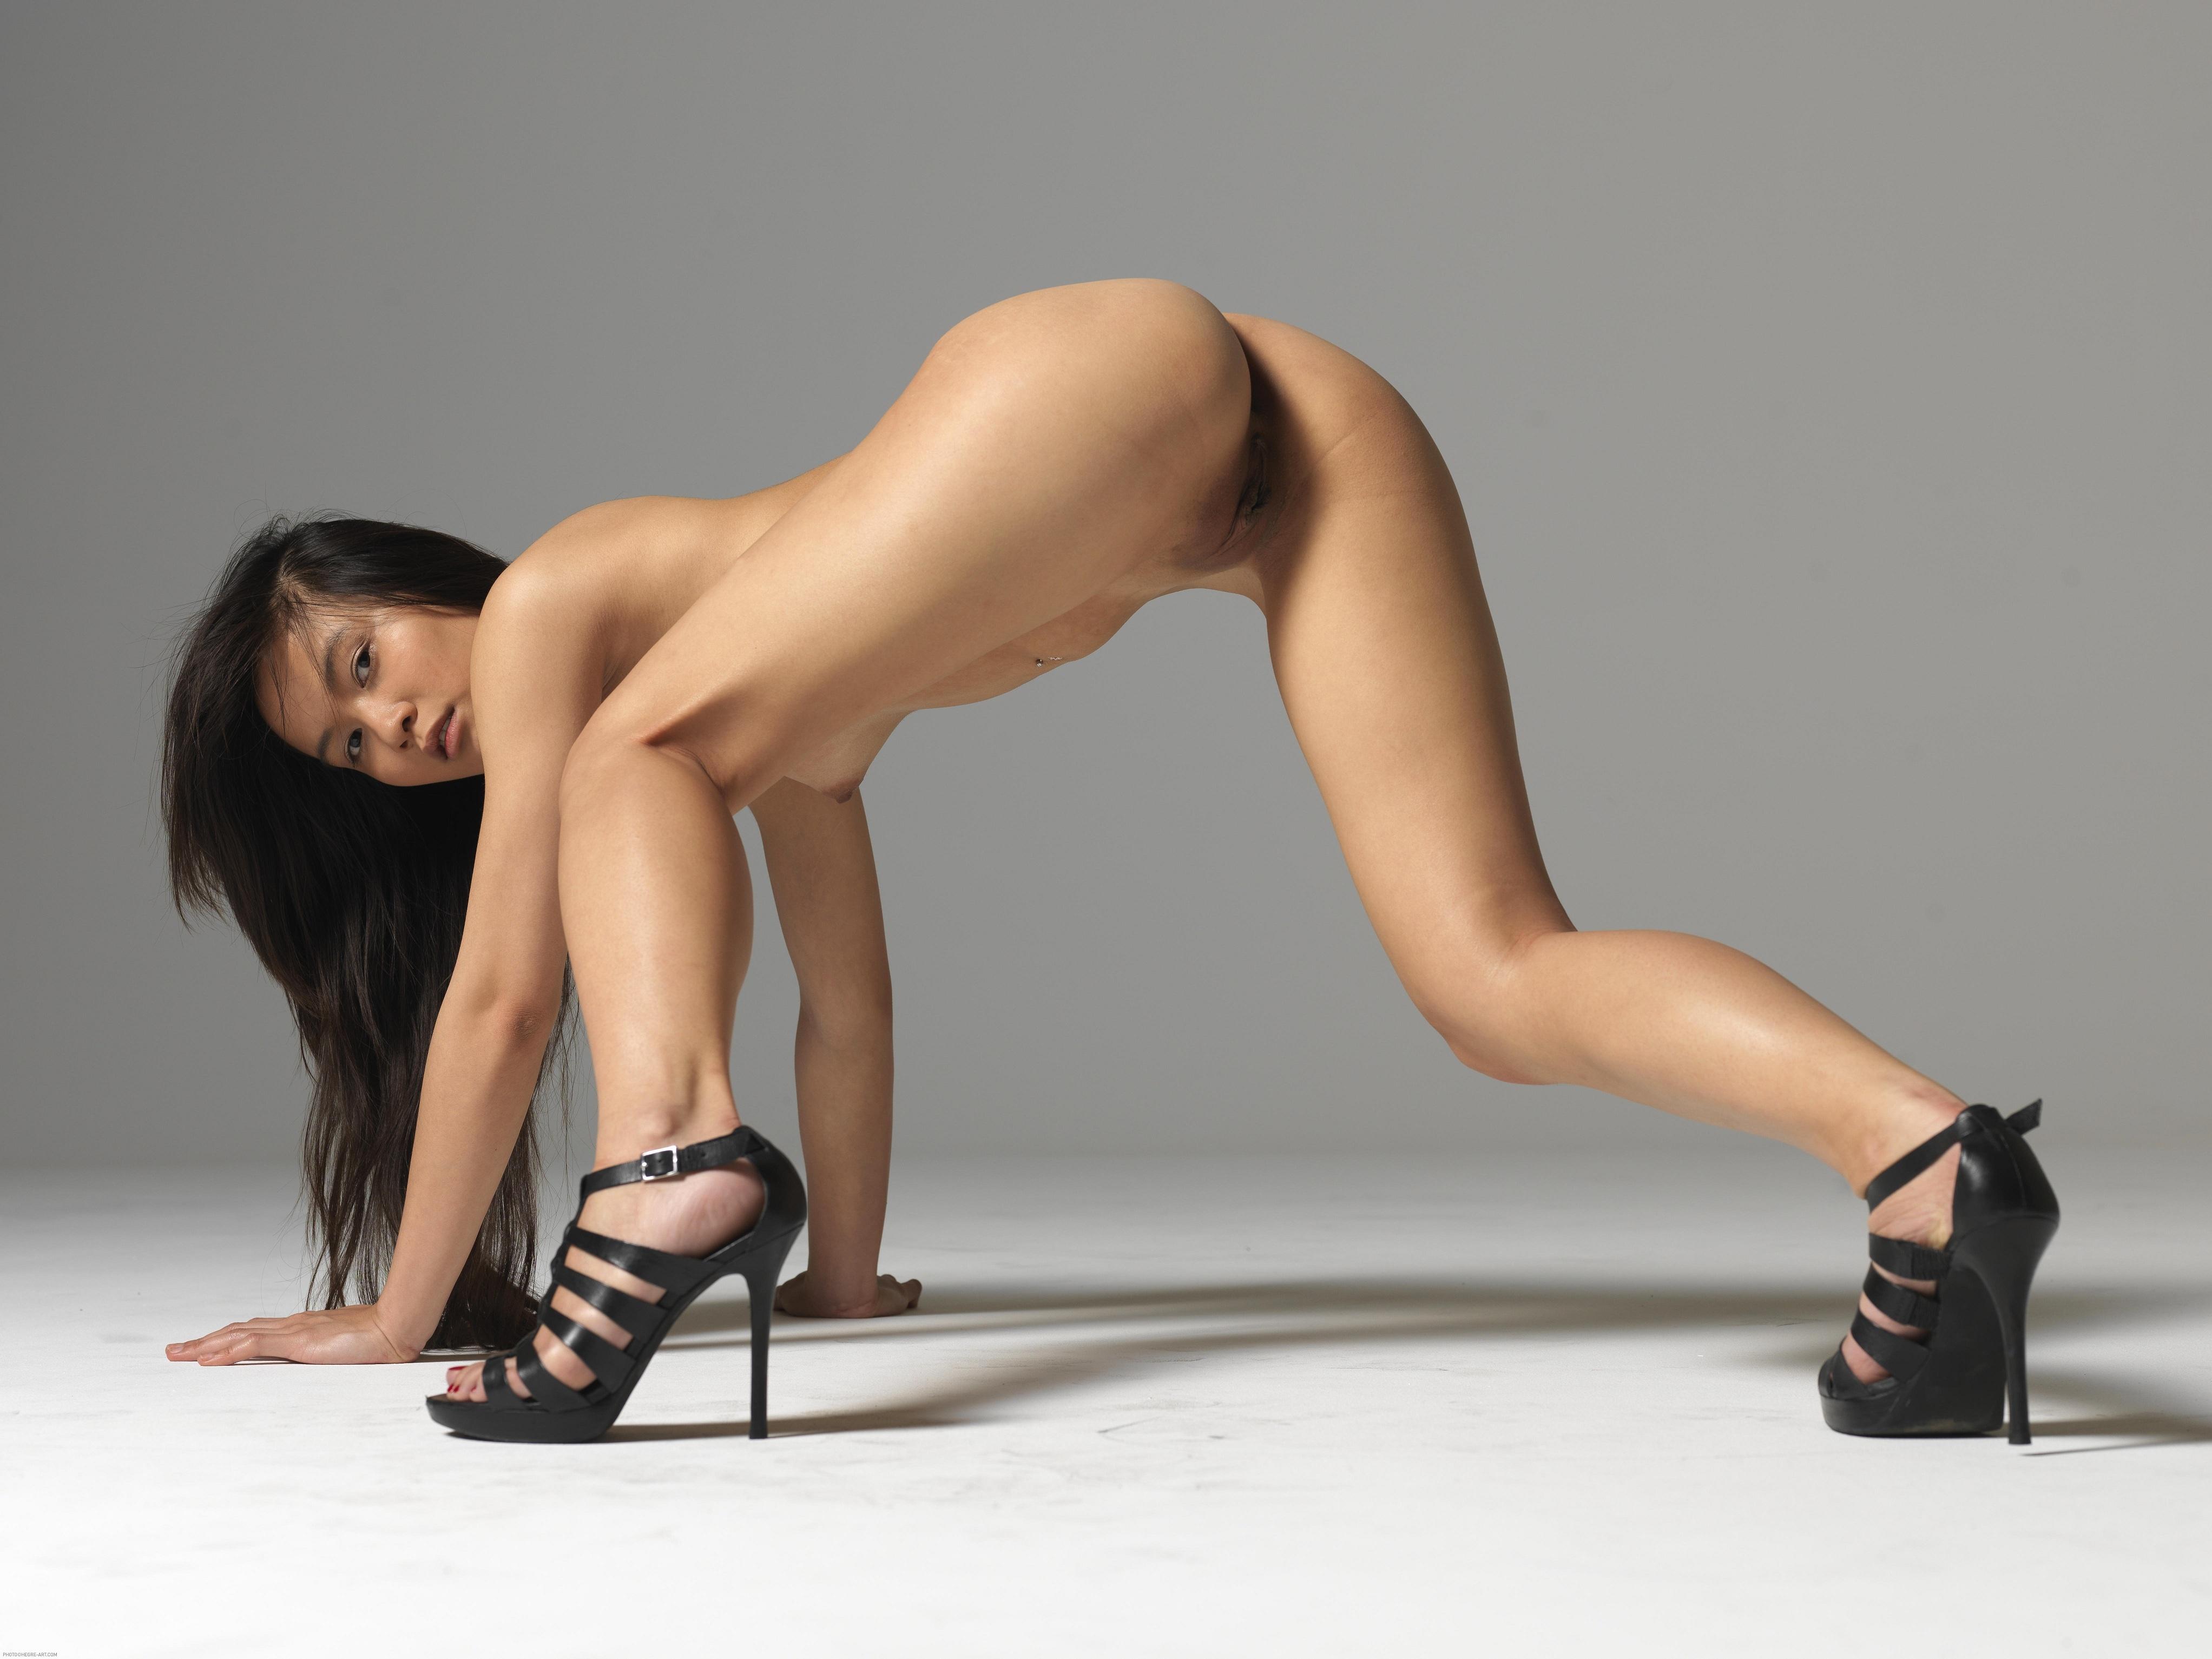 hot asian leg naked